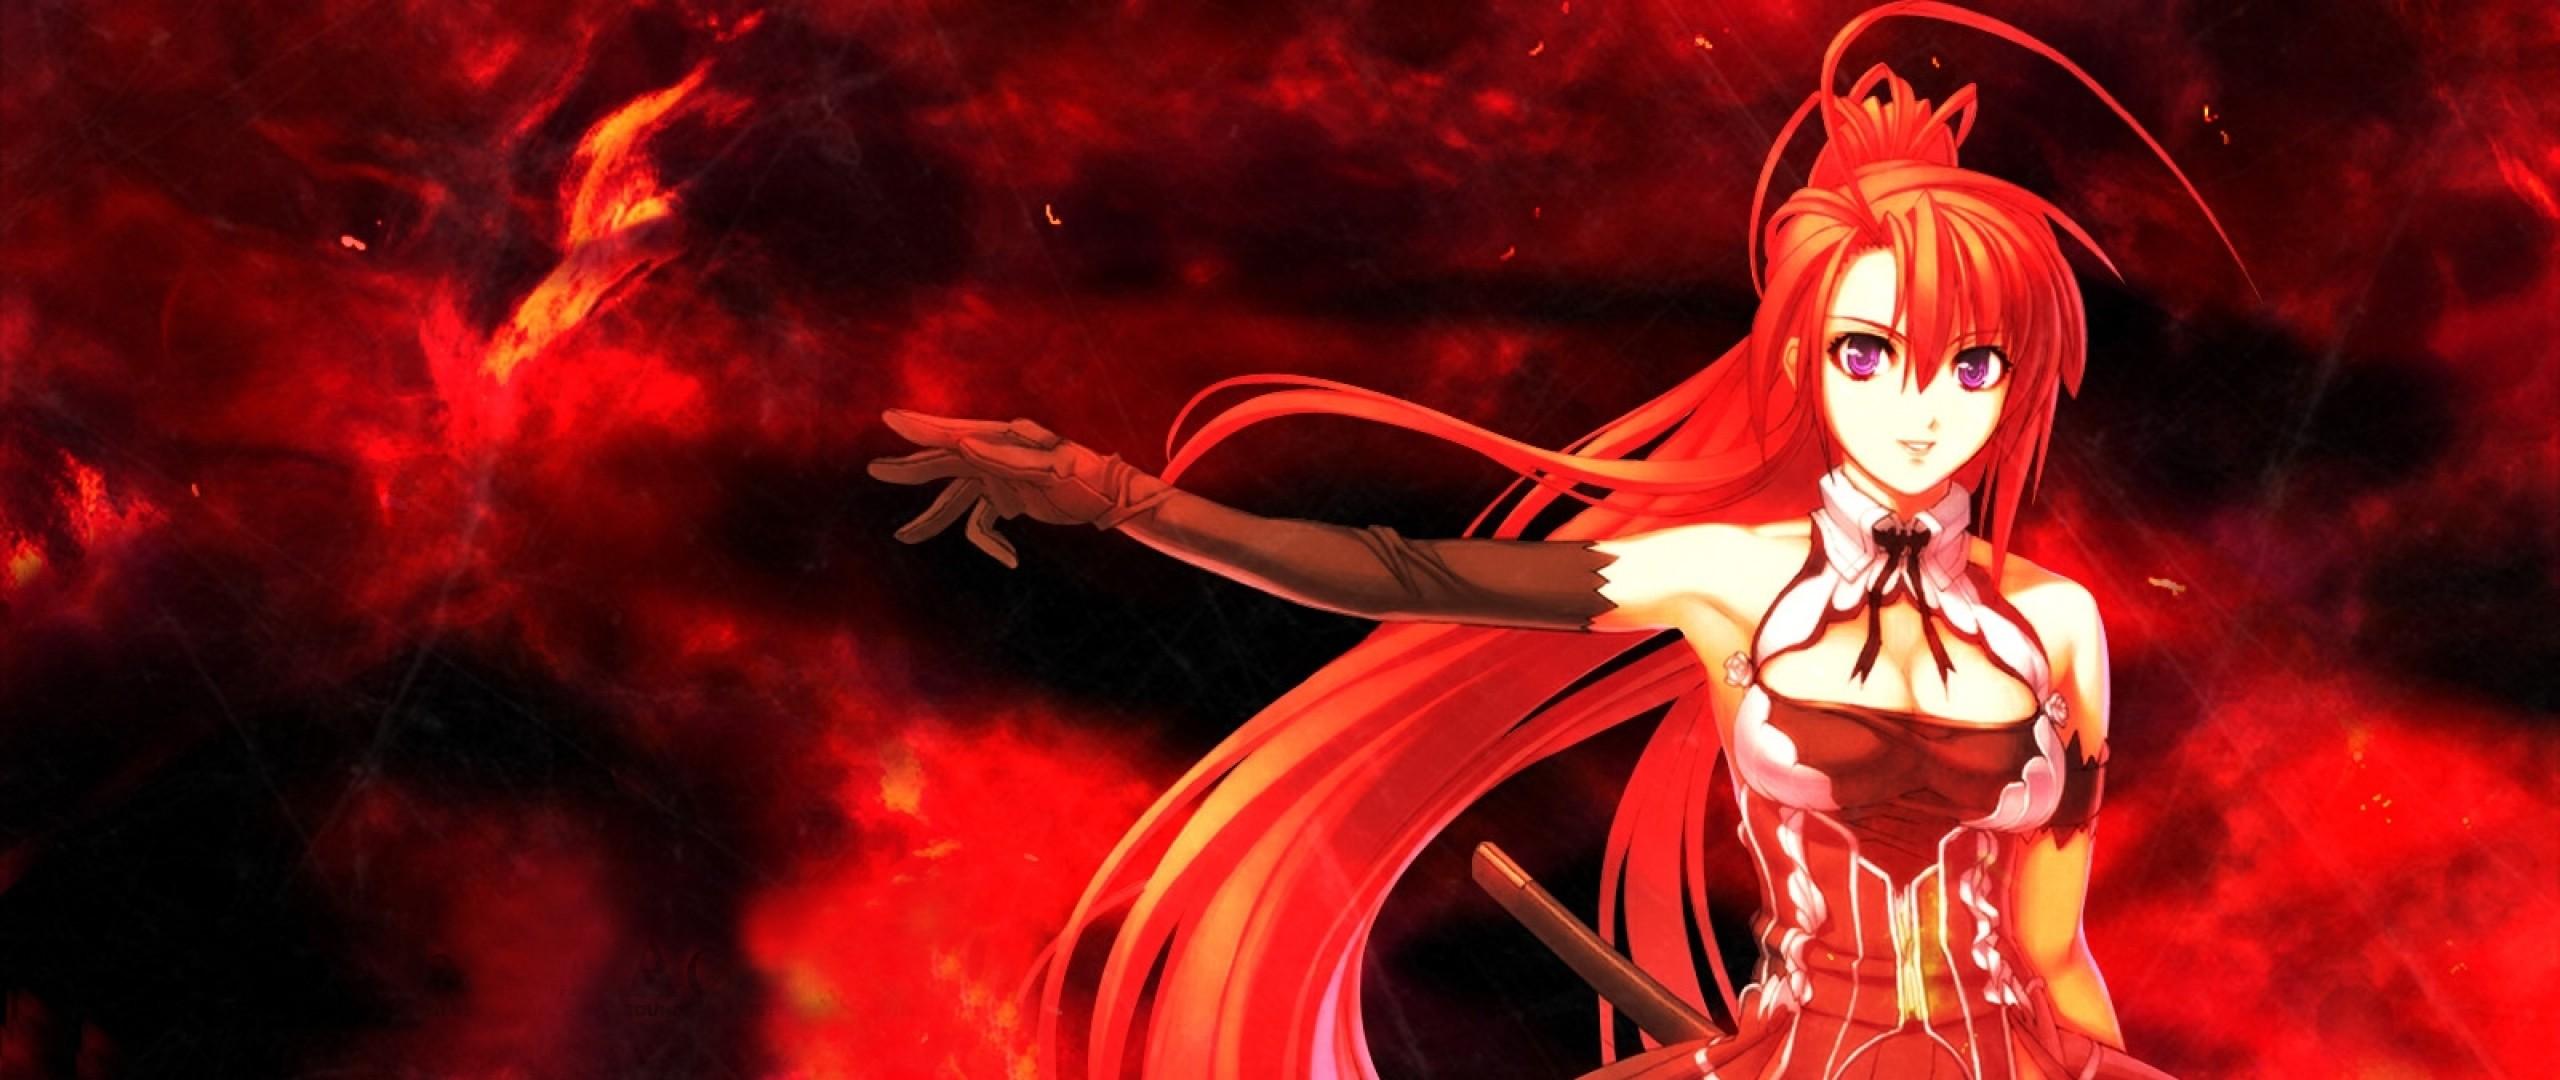 Wallpaper anime, girl, red, hair, sword, background